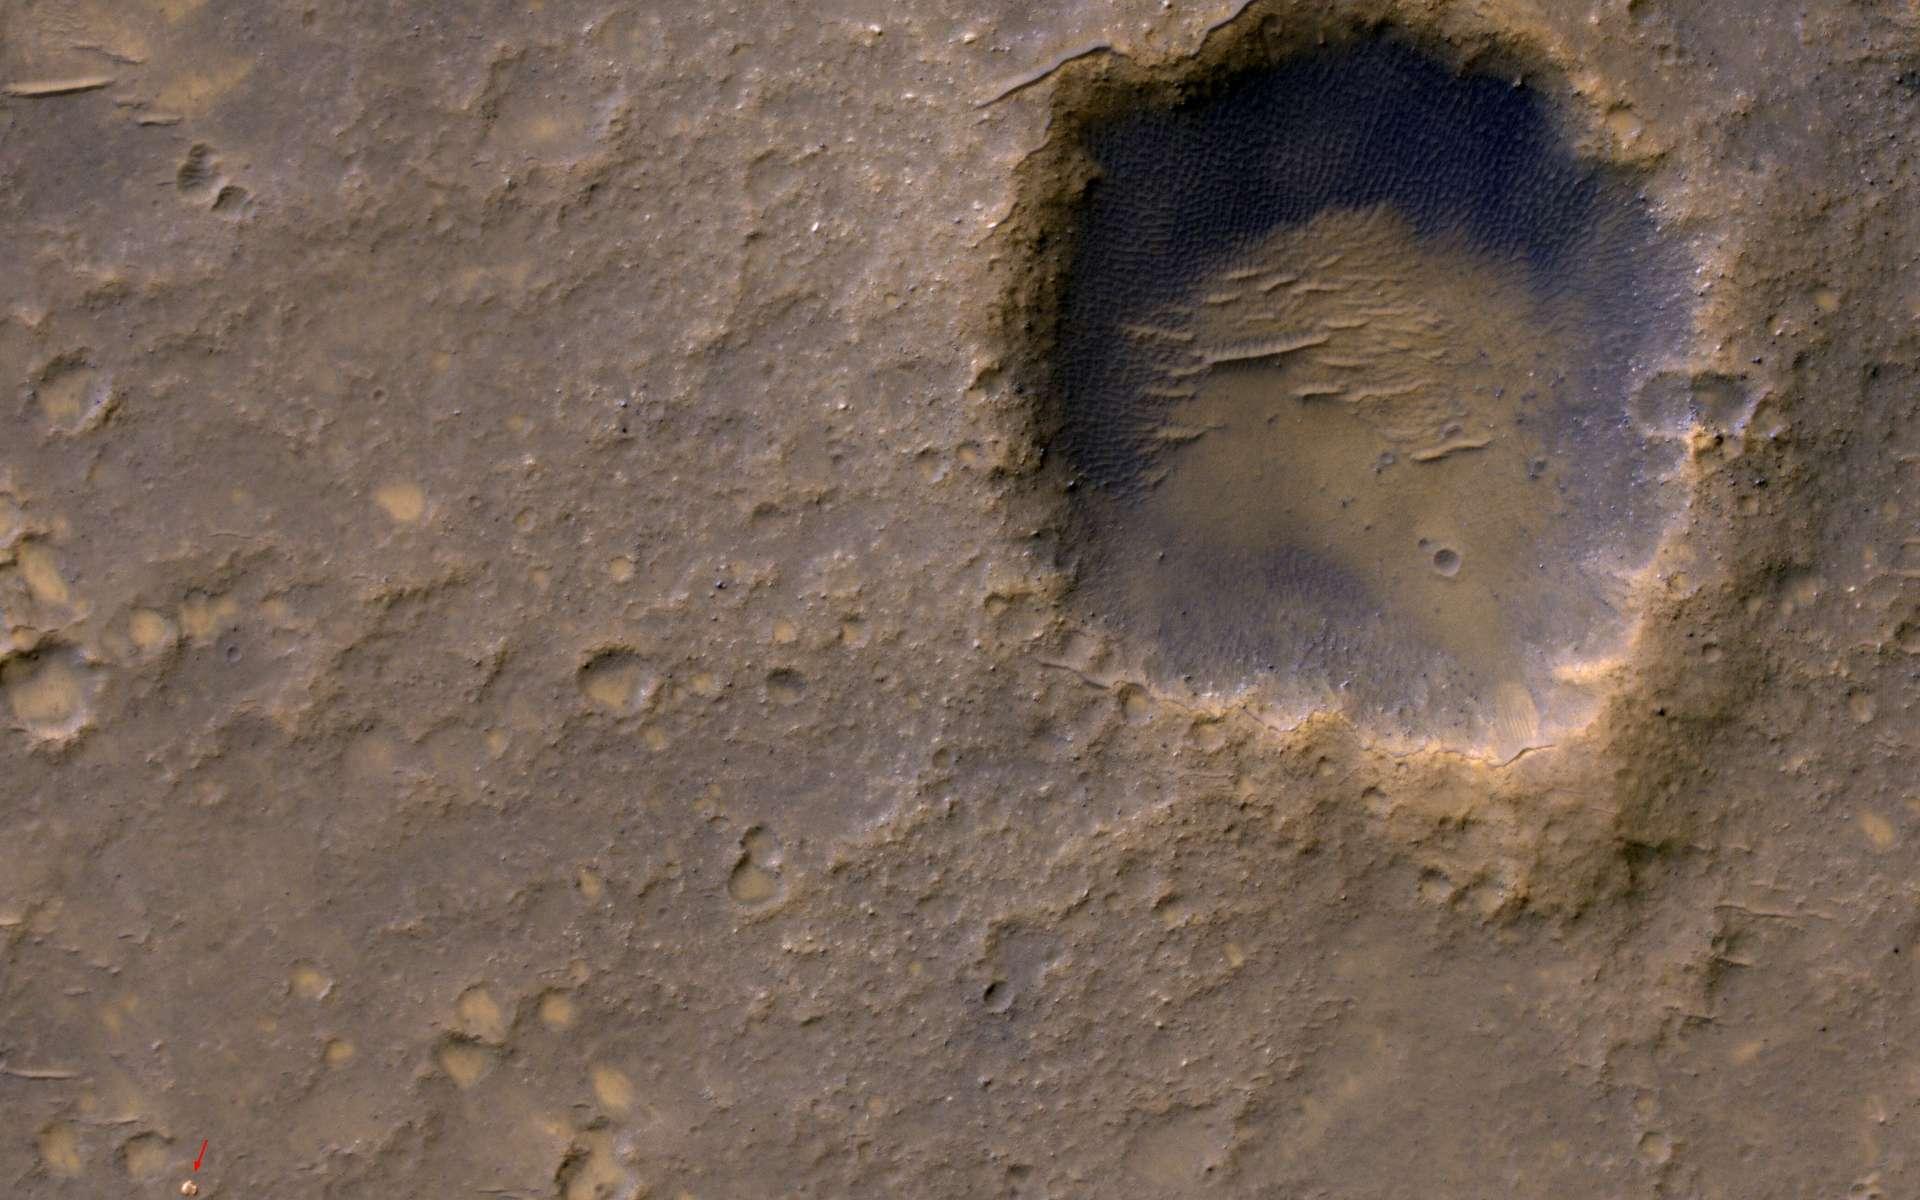 MRO a photographié le 29 janvier 2012 la plateforme d'atterrissage (flèche rouge) qui abritait le rover Spirit. © Nasa/JPL-Caltech/Univ. de l'Arizona